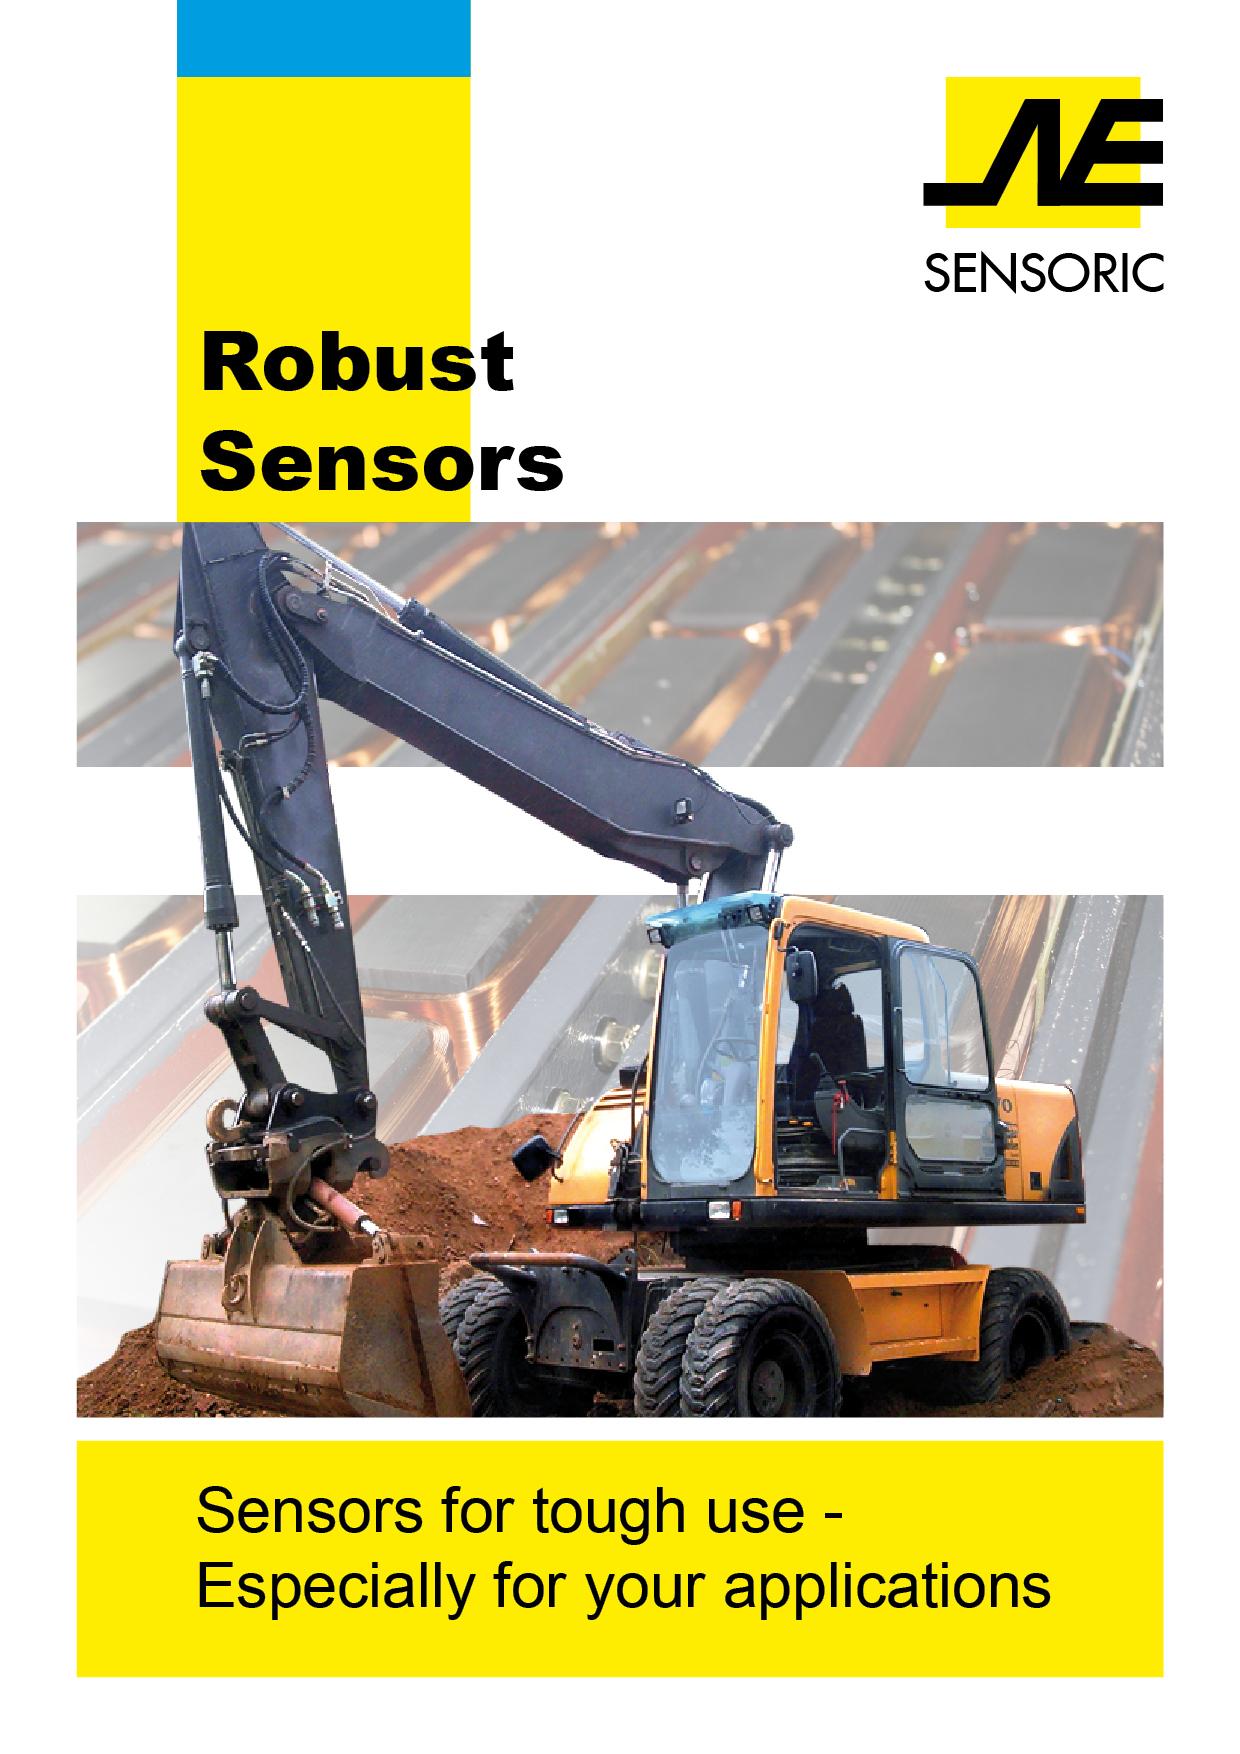 Robust Sensors